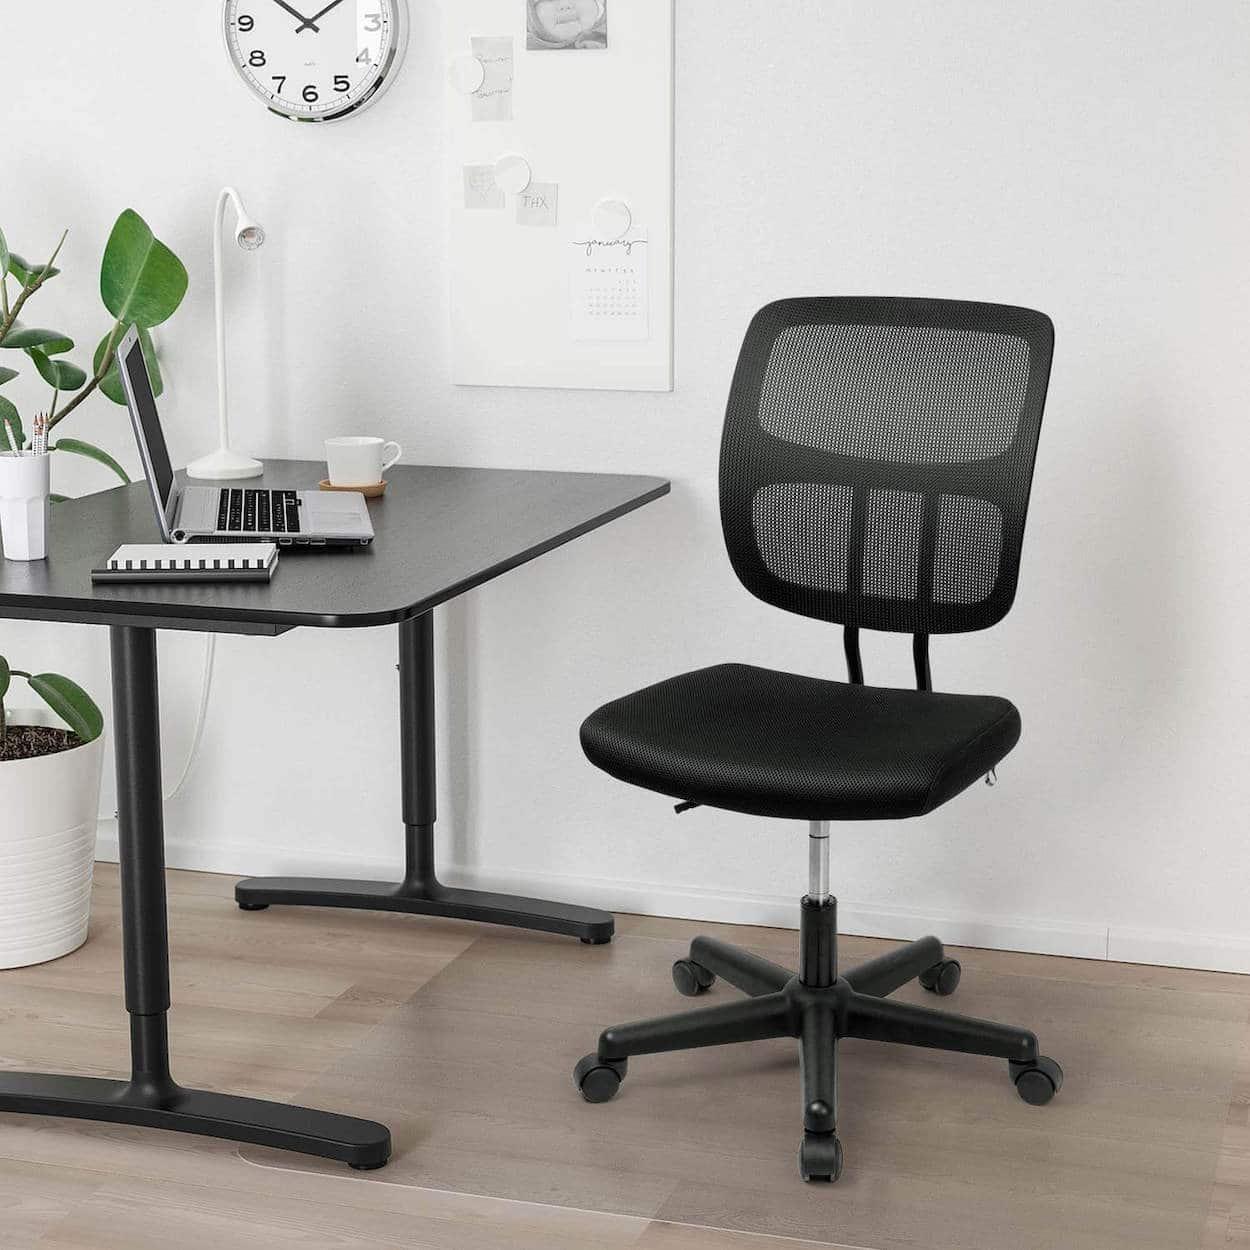 sillas de escritorio baratas